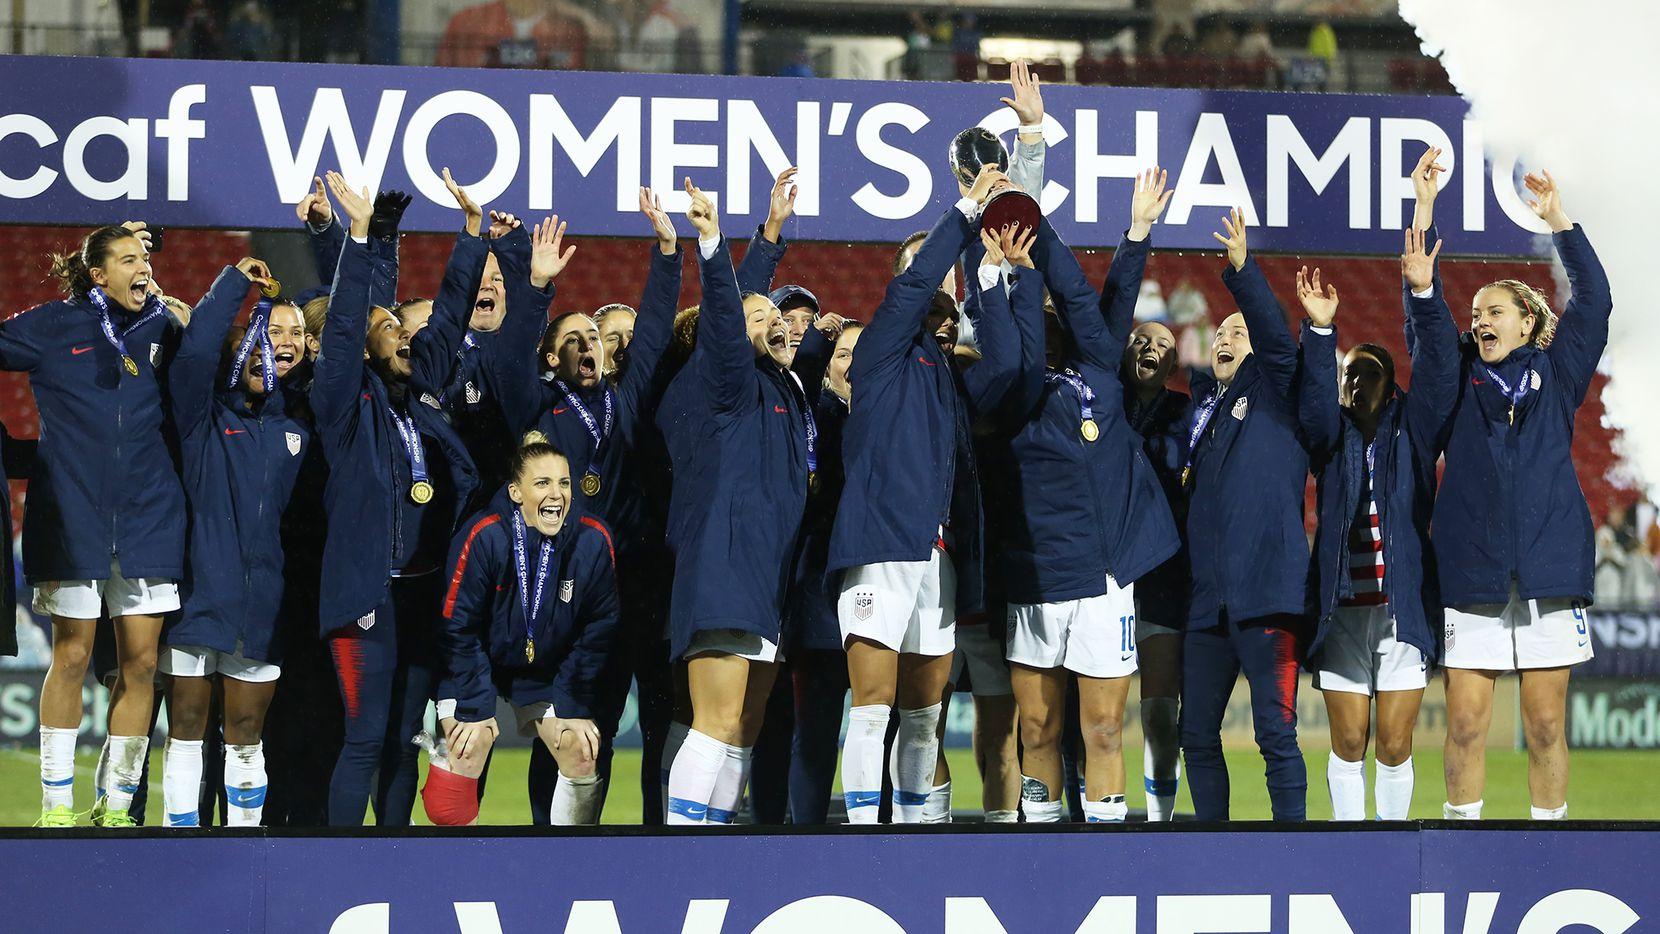 La selección femenina de Estados Unidos ganó el campeonato de Concacaf en Frisco. Foto de Omar Vega para Al Día